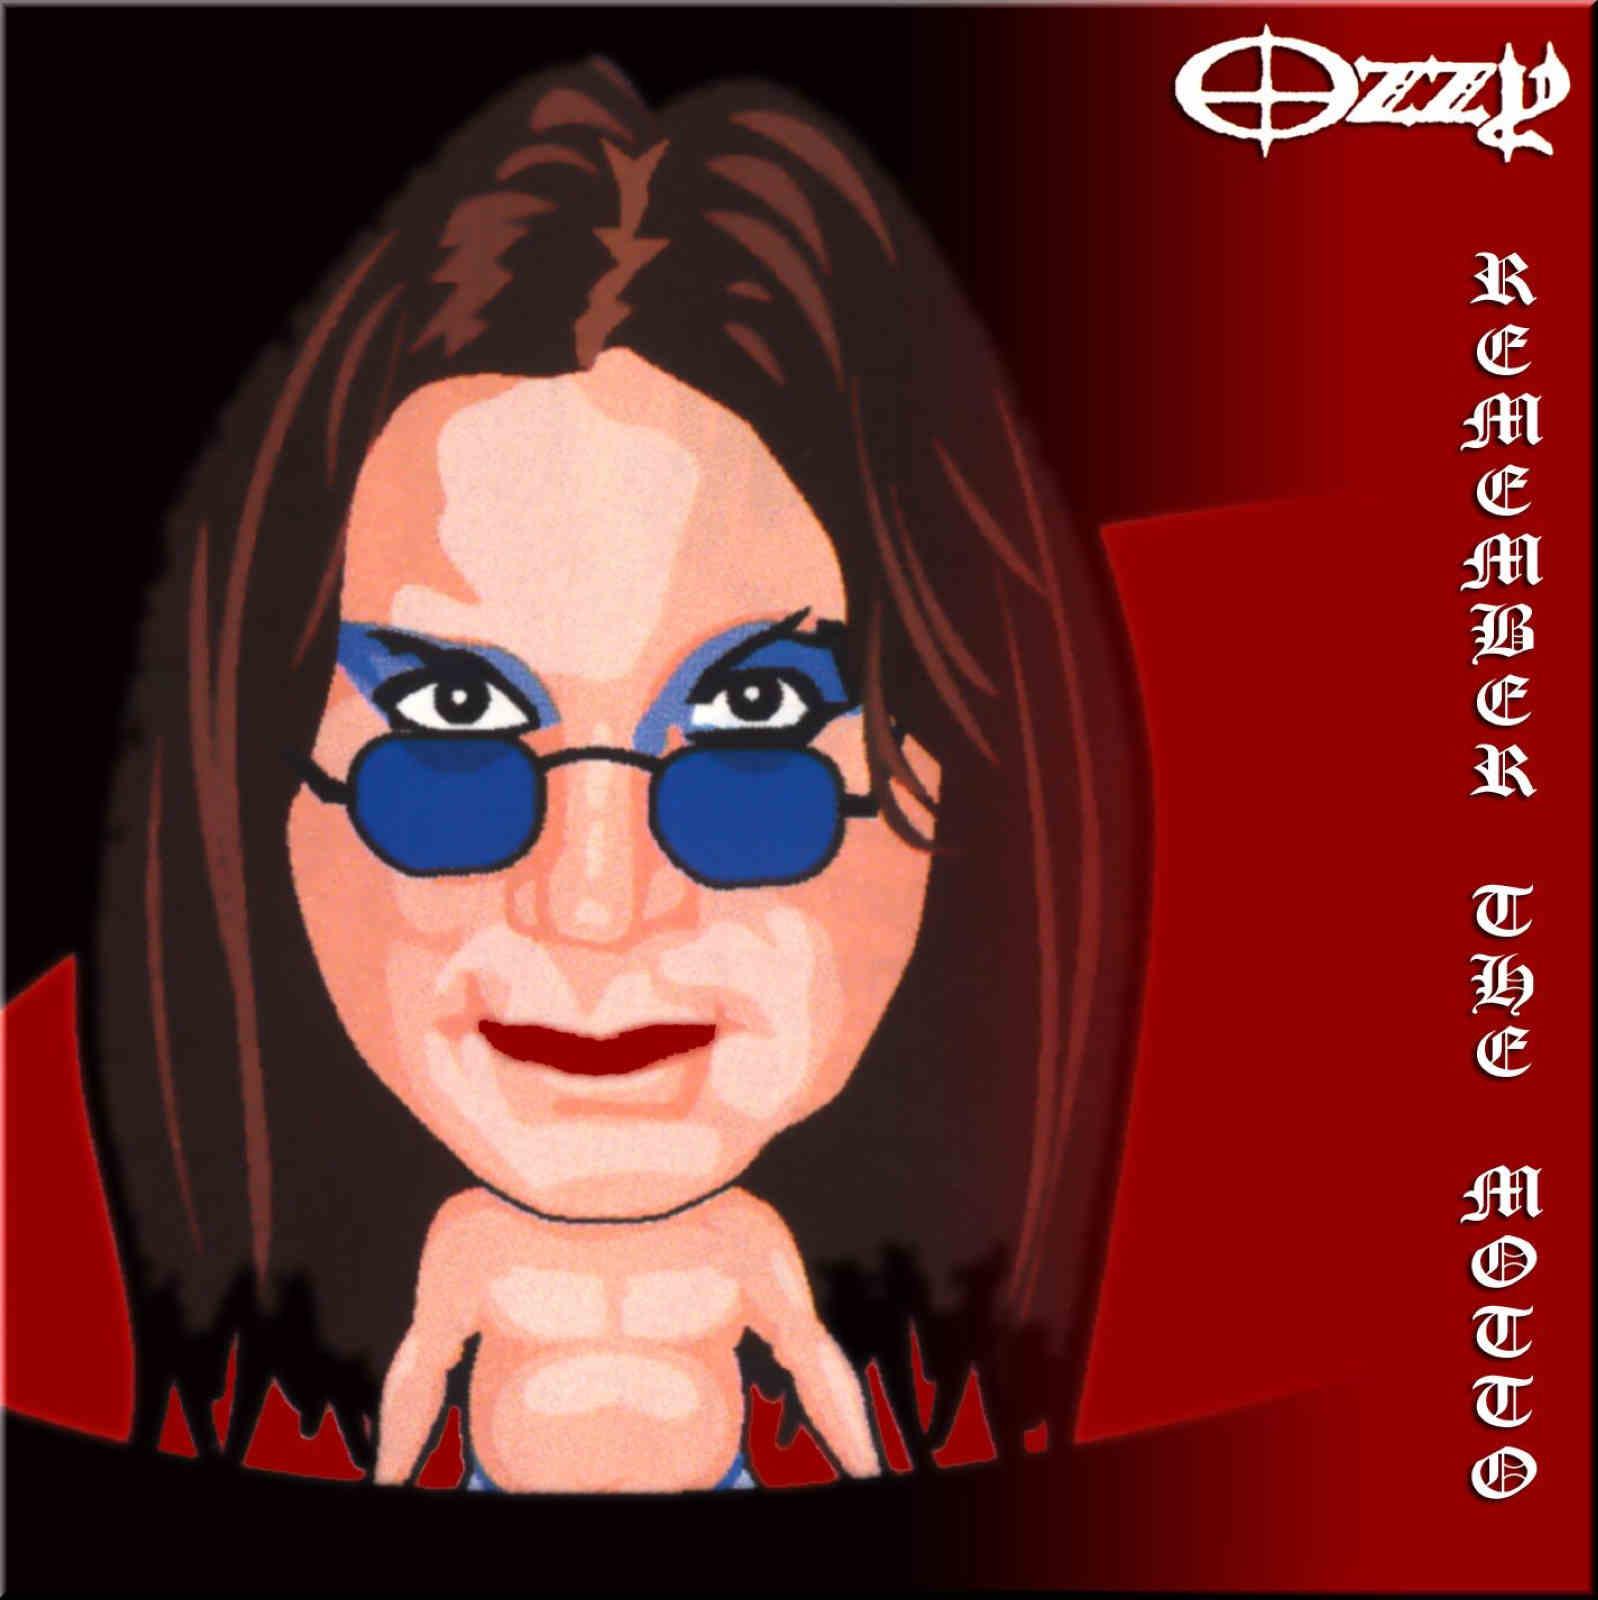 Ozzy Osbourne - Believer